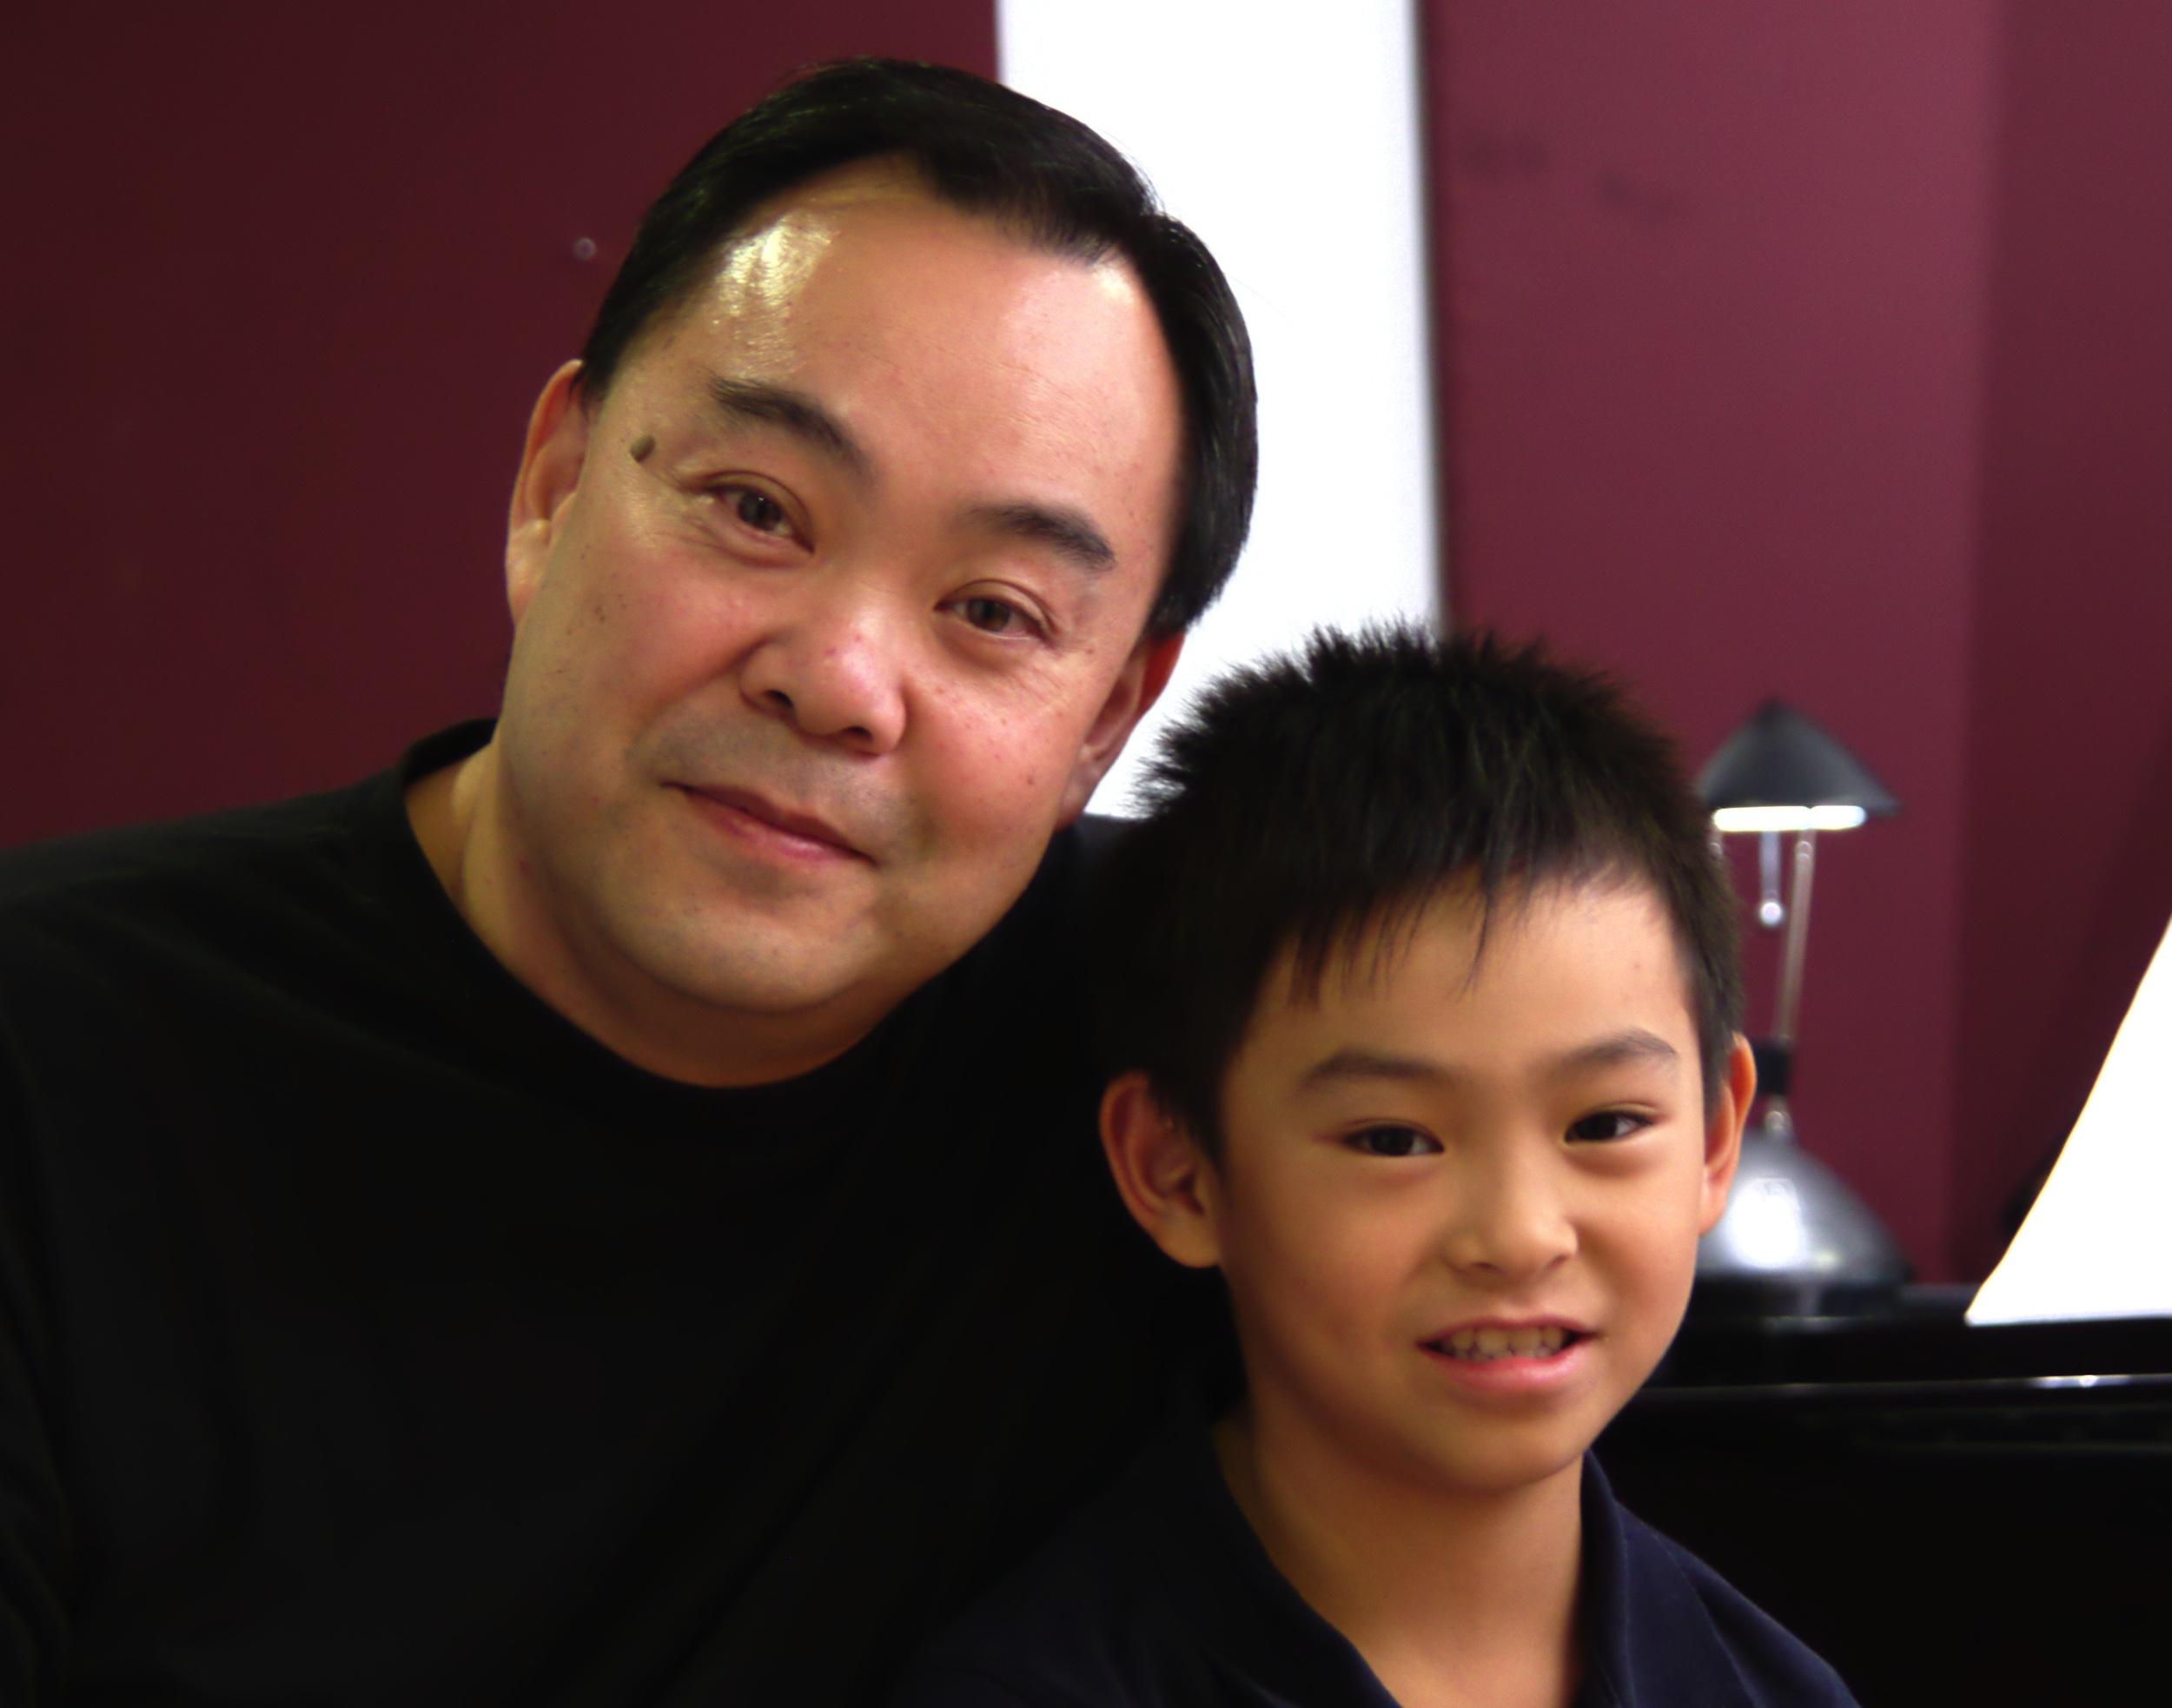 Les parents et leurs enfants parle de leurs expériences au Chapman Piano Studio, NDG, Montreal. No. 1. Photo credit. Yuuki Omori 2014.